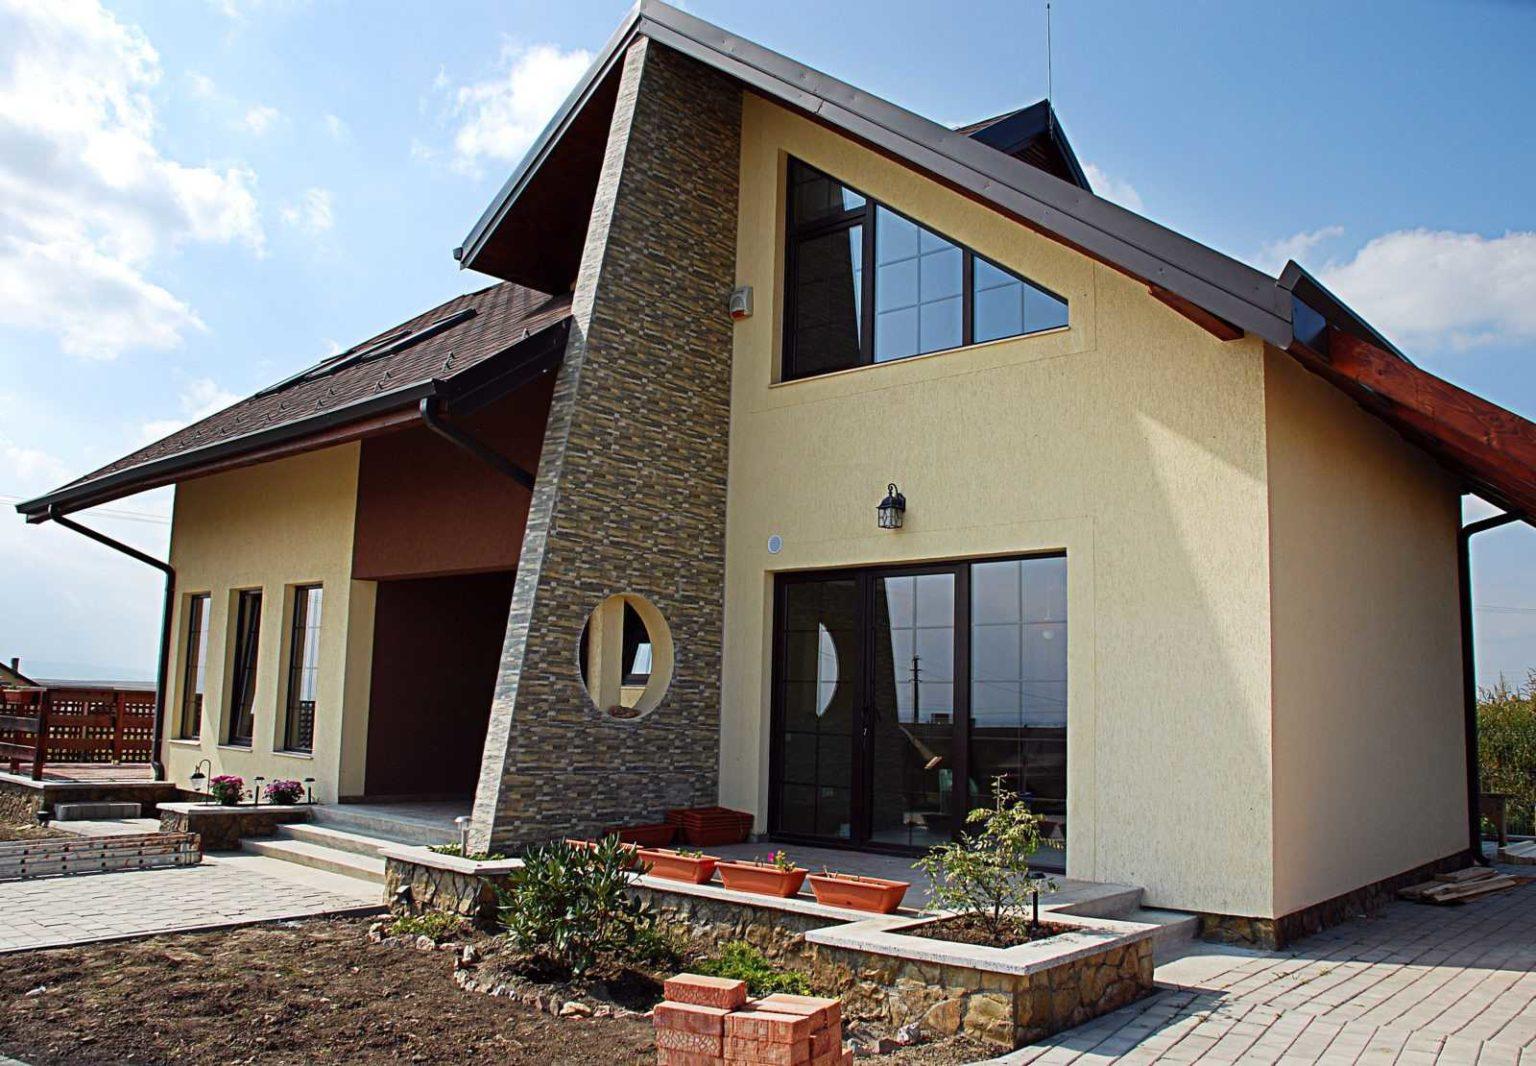 karkasnyj-dom-1536x1066